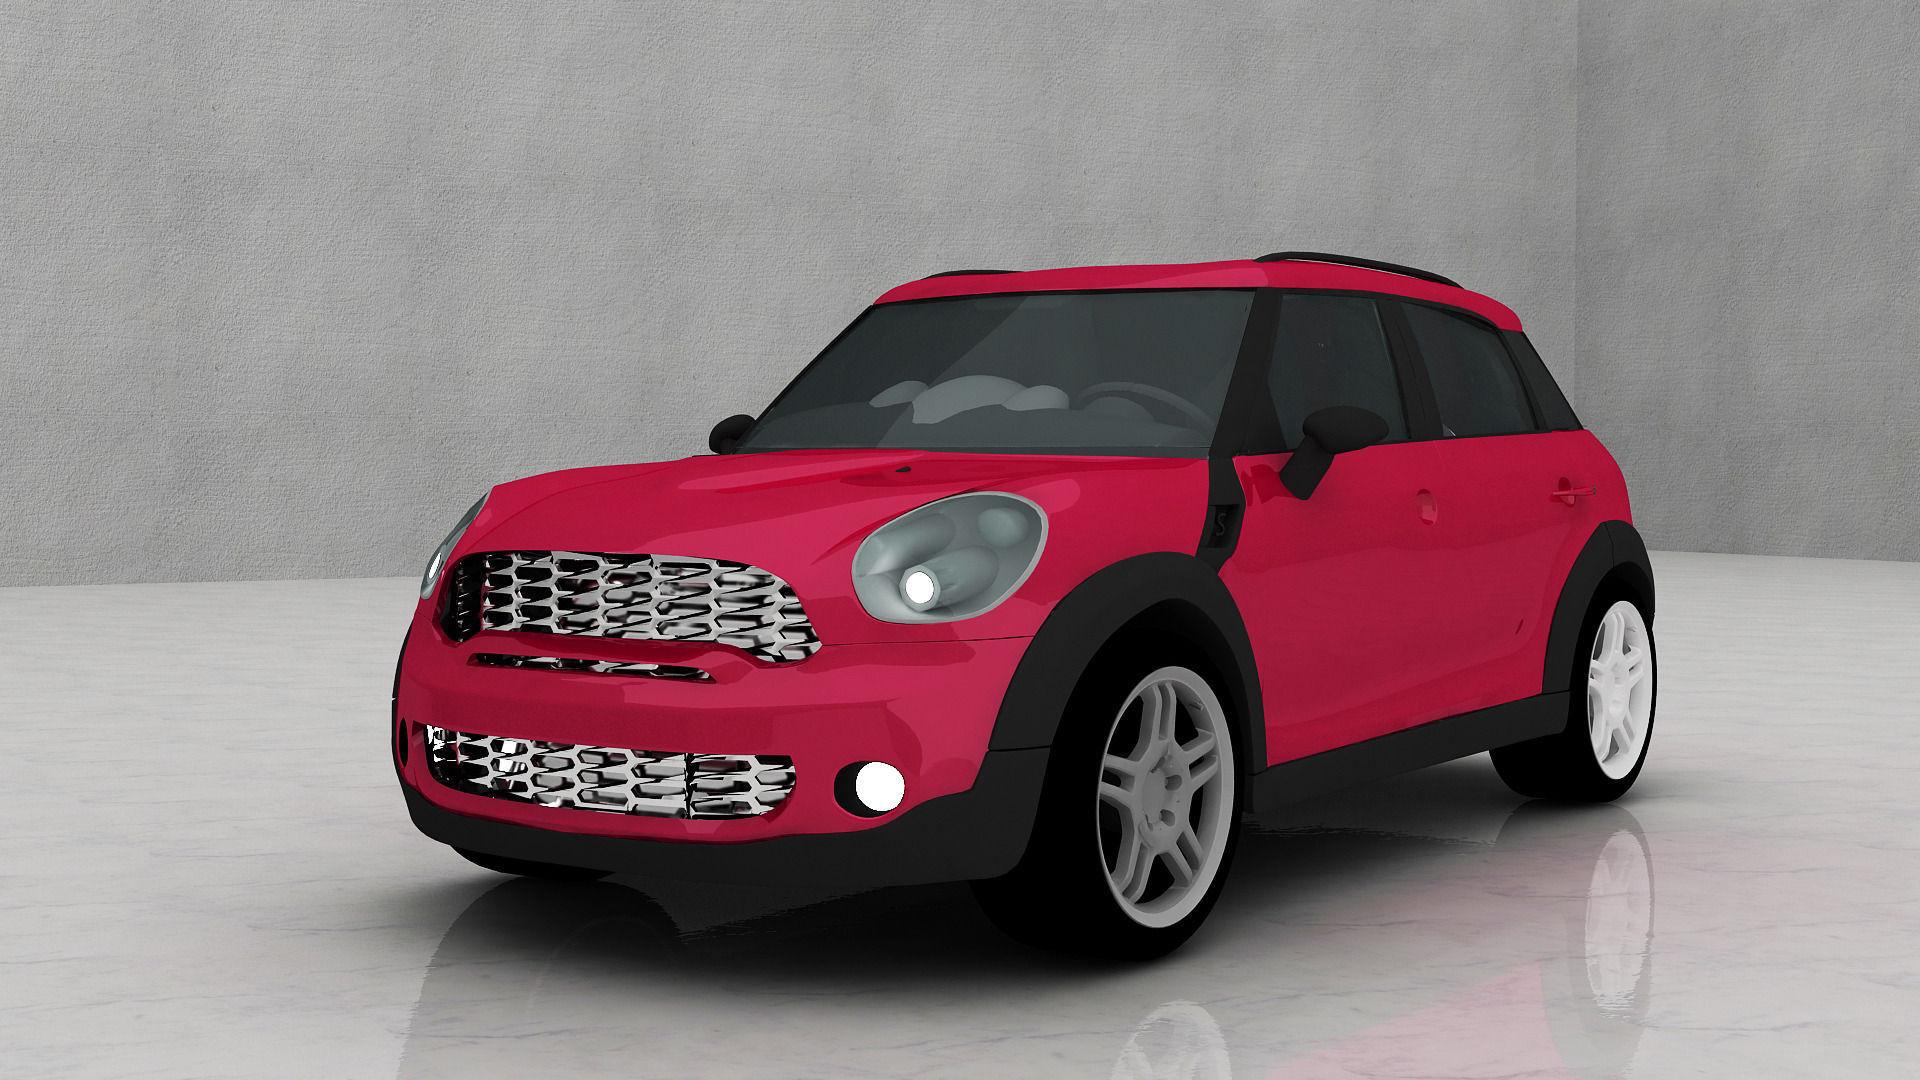 mini cooper car 3d model max 5